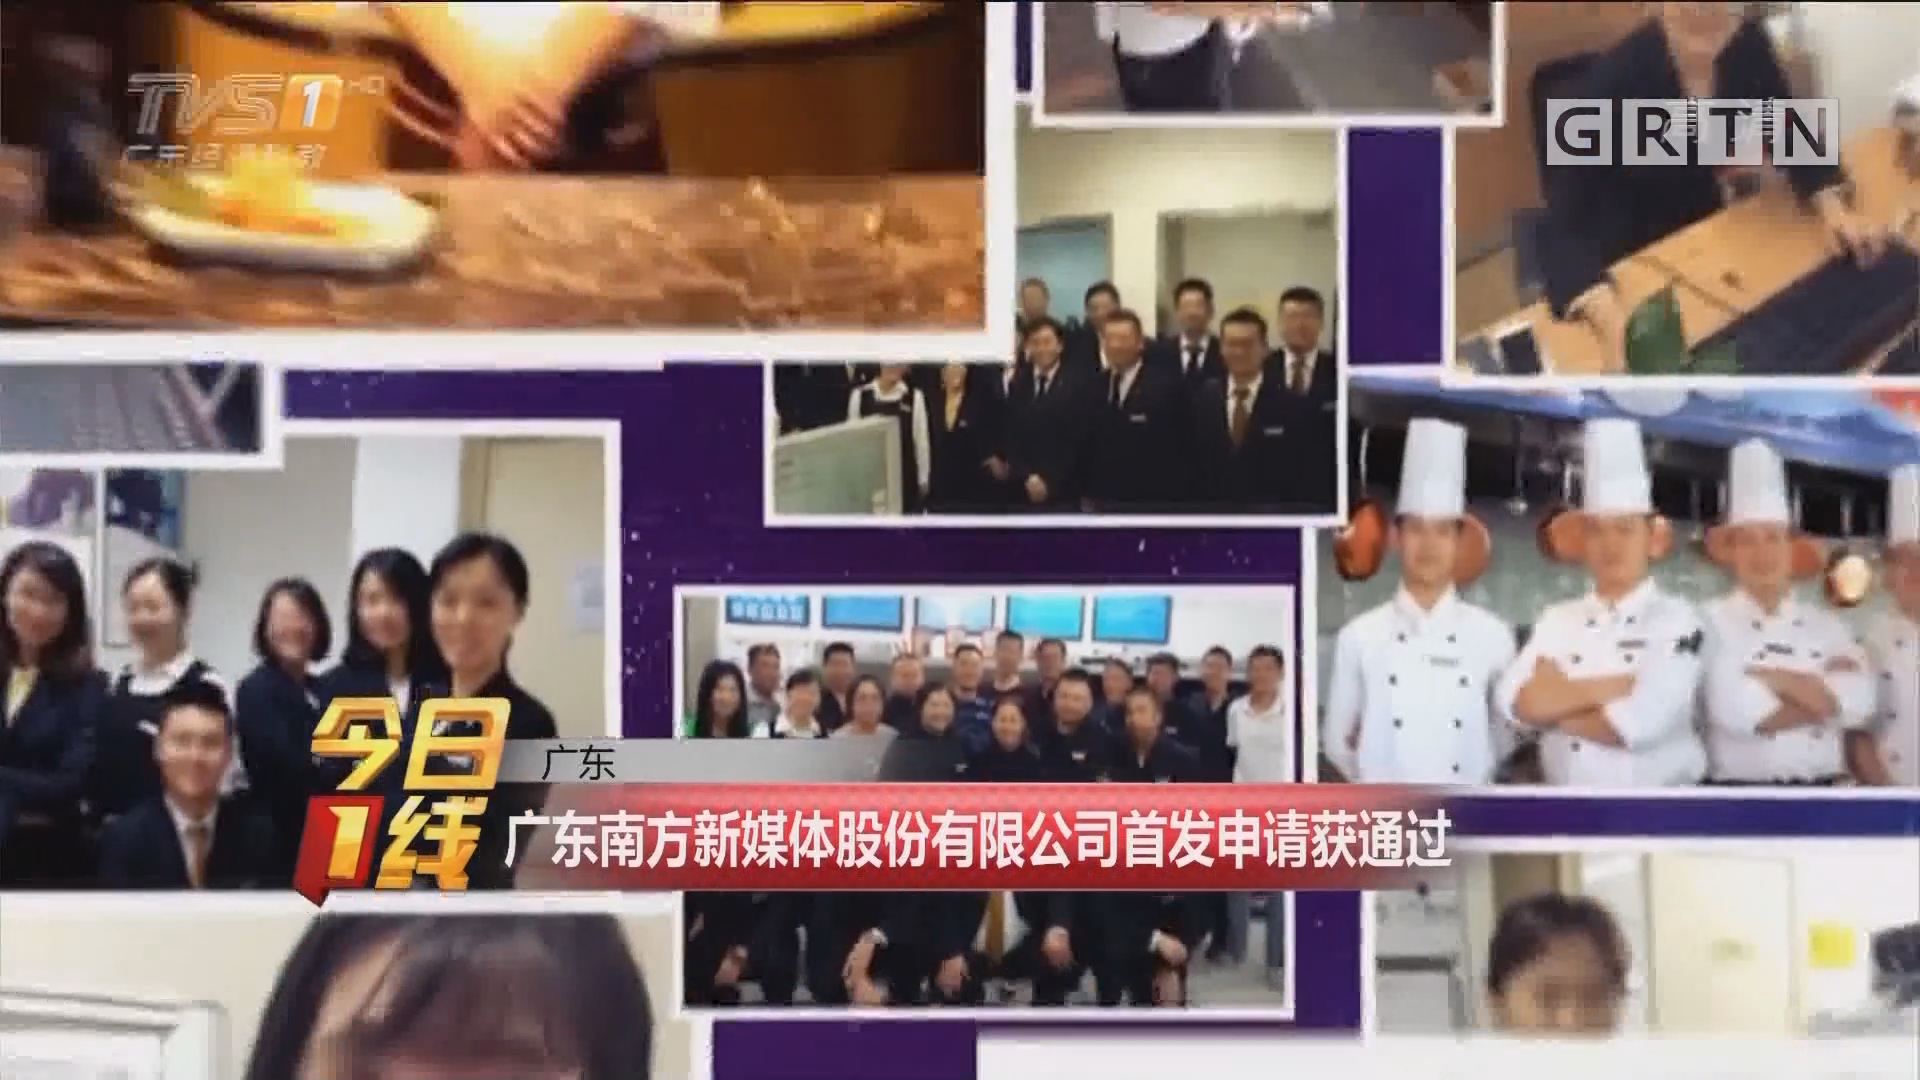 广东:广东南方新媒体股份有限公司首发申请获通过